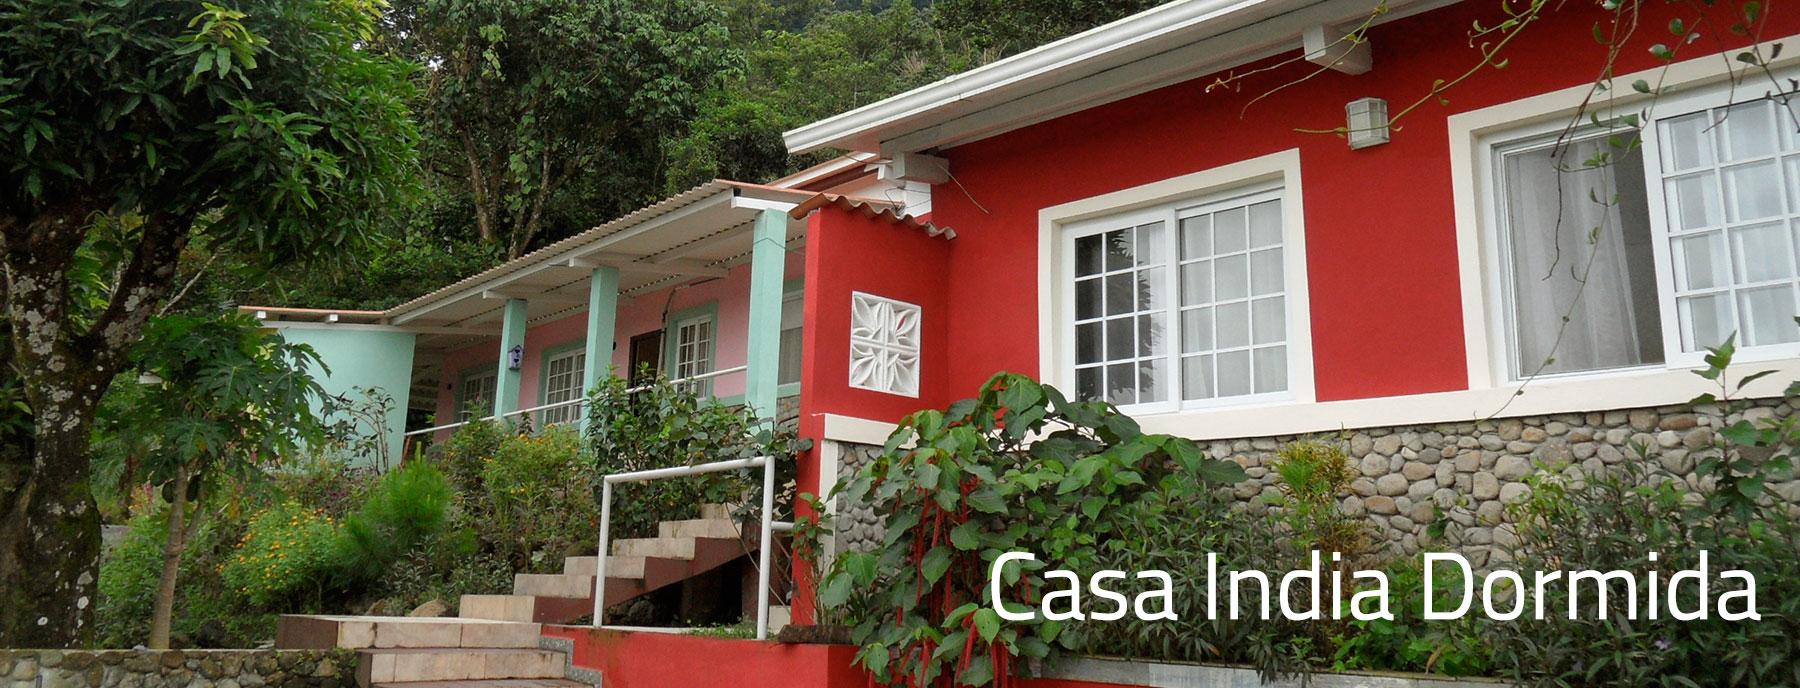 Casa India Dormida